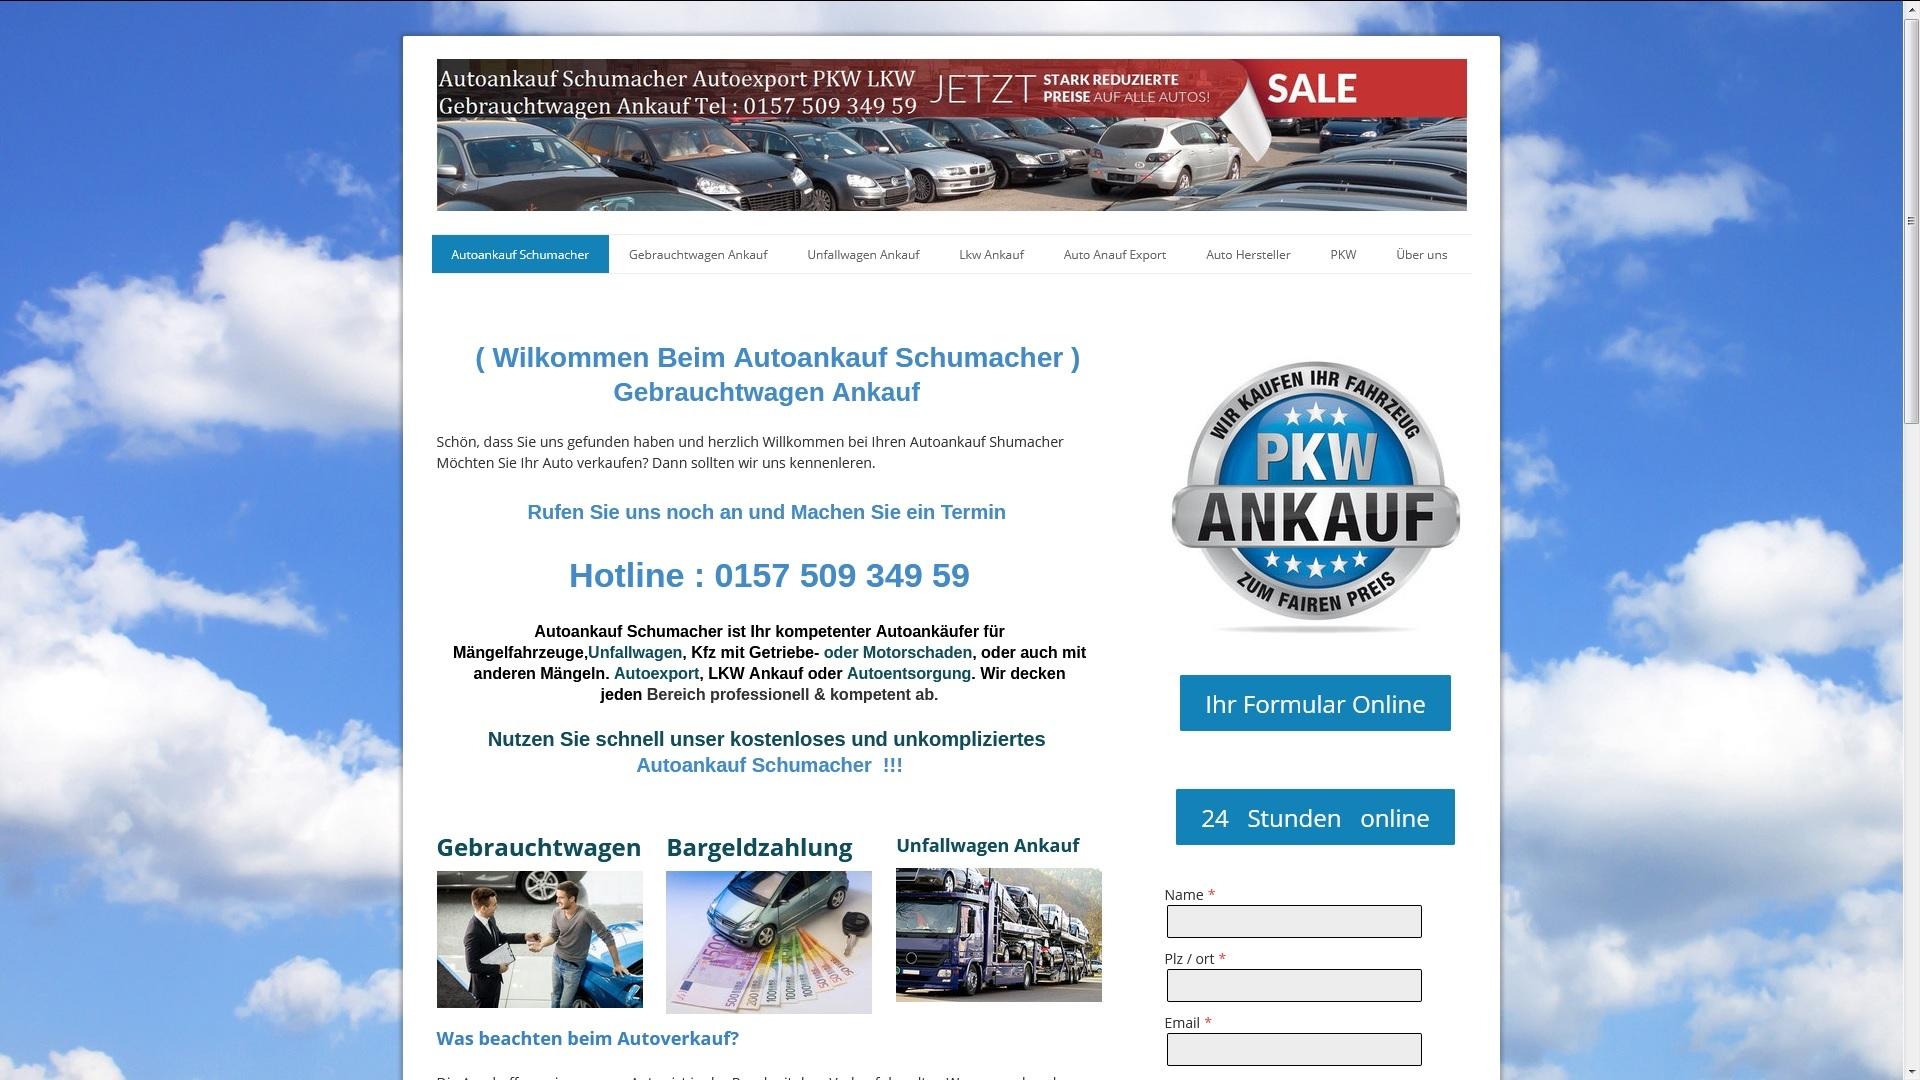 auto verkaufen geht jetzt ganz einfach mit dem autoankauf greven - Auto verkaufen geht jetzt ganz einfach – mit dem Autoankauf Greven